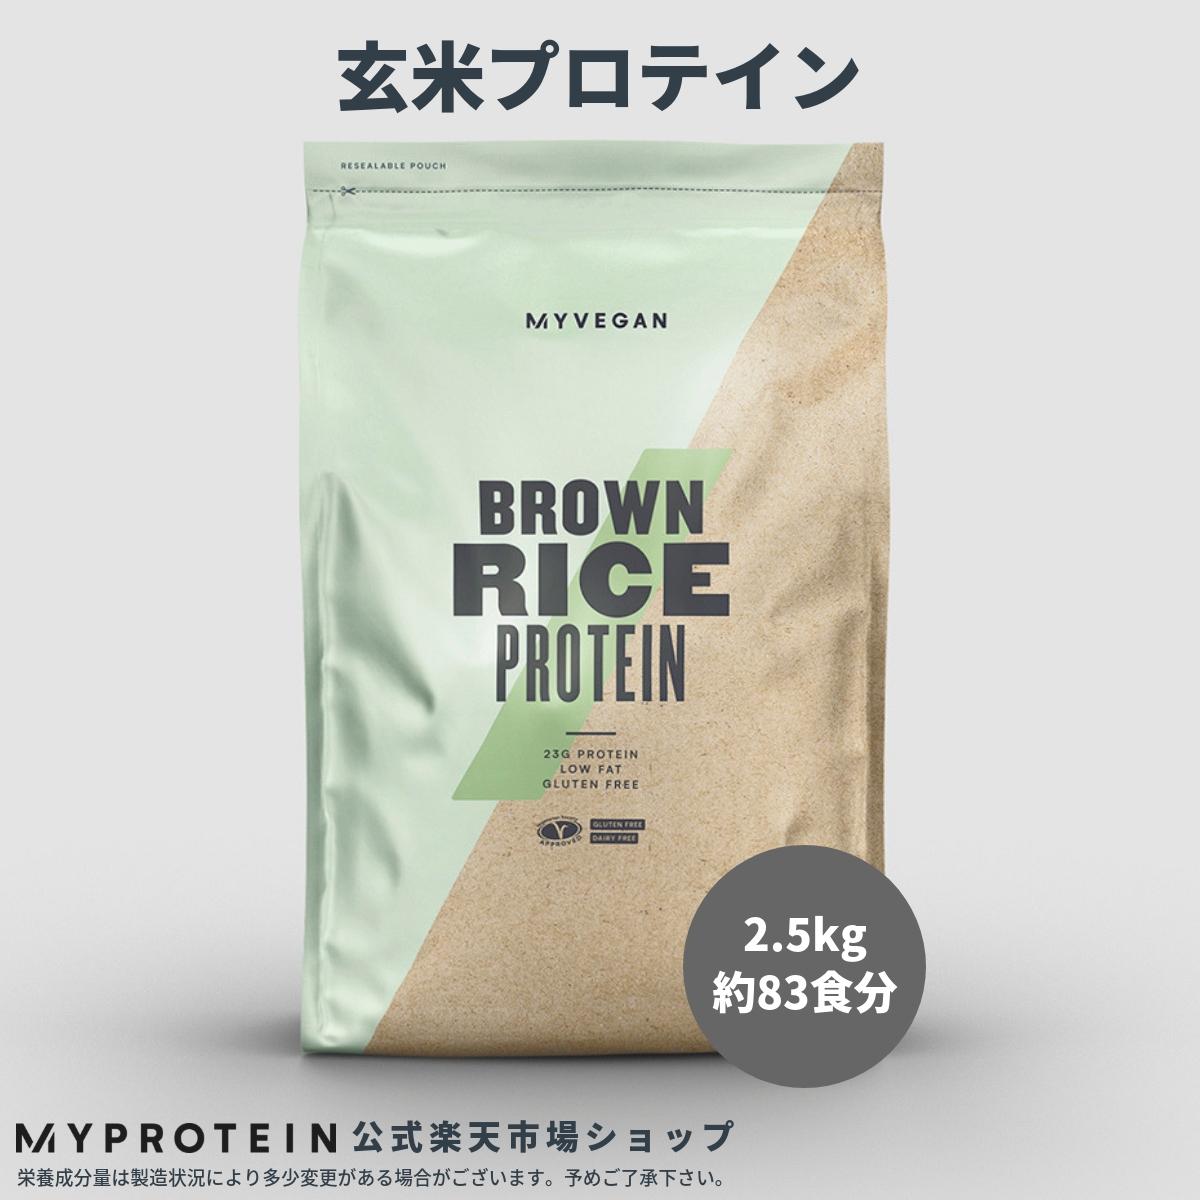 マイプロテイン 公式 【MyProtein】 ブラウンライス プロテイン(玄米プロテイン) 2.5kg 約83食分| プロテイン バルクアップ ボディーメイク 肉体改造 ベジタリアン アミノ酸 グルテンフリー ラクトースフリー【楽天海外直送】